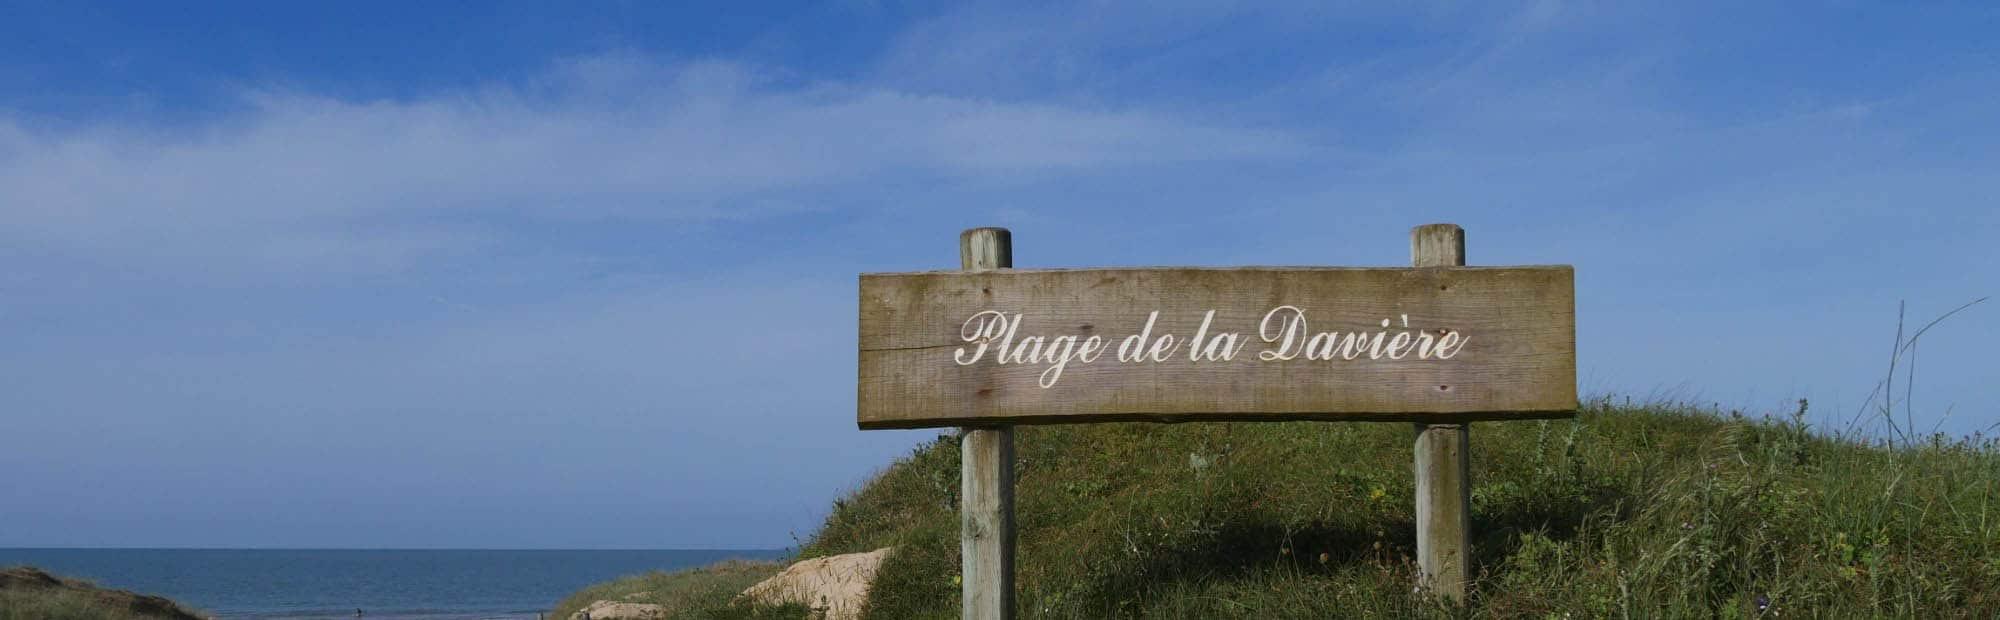 plagedeladaviere-saintjeandemonts (3)